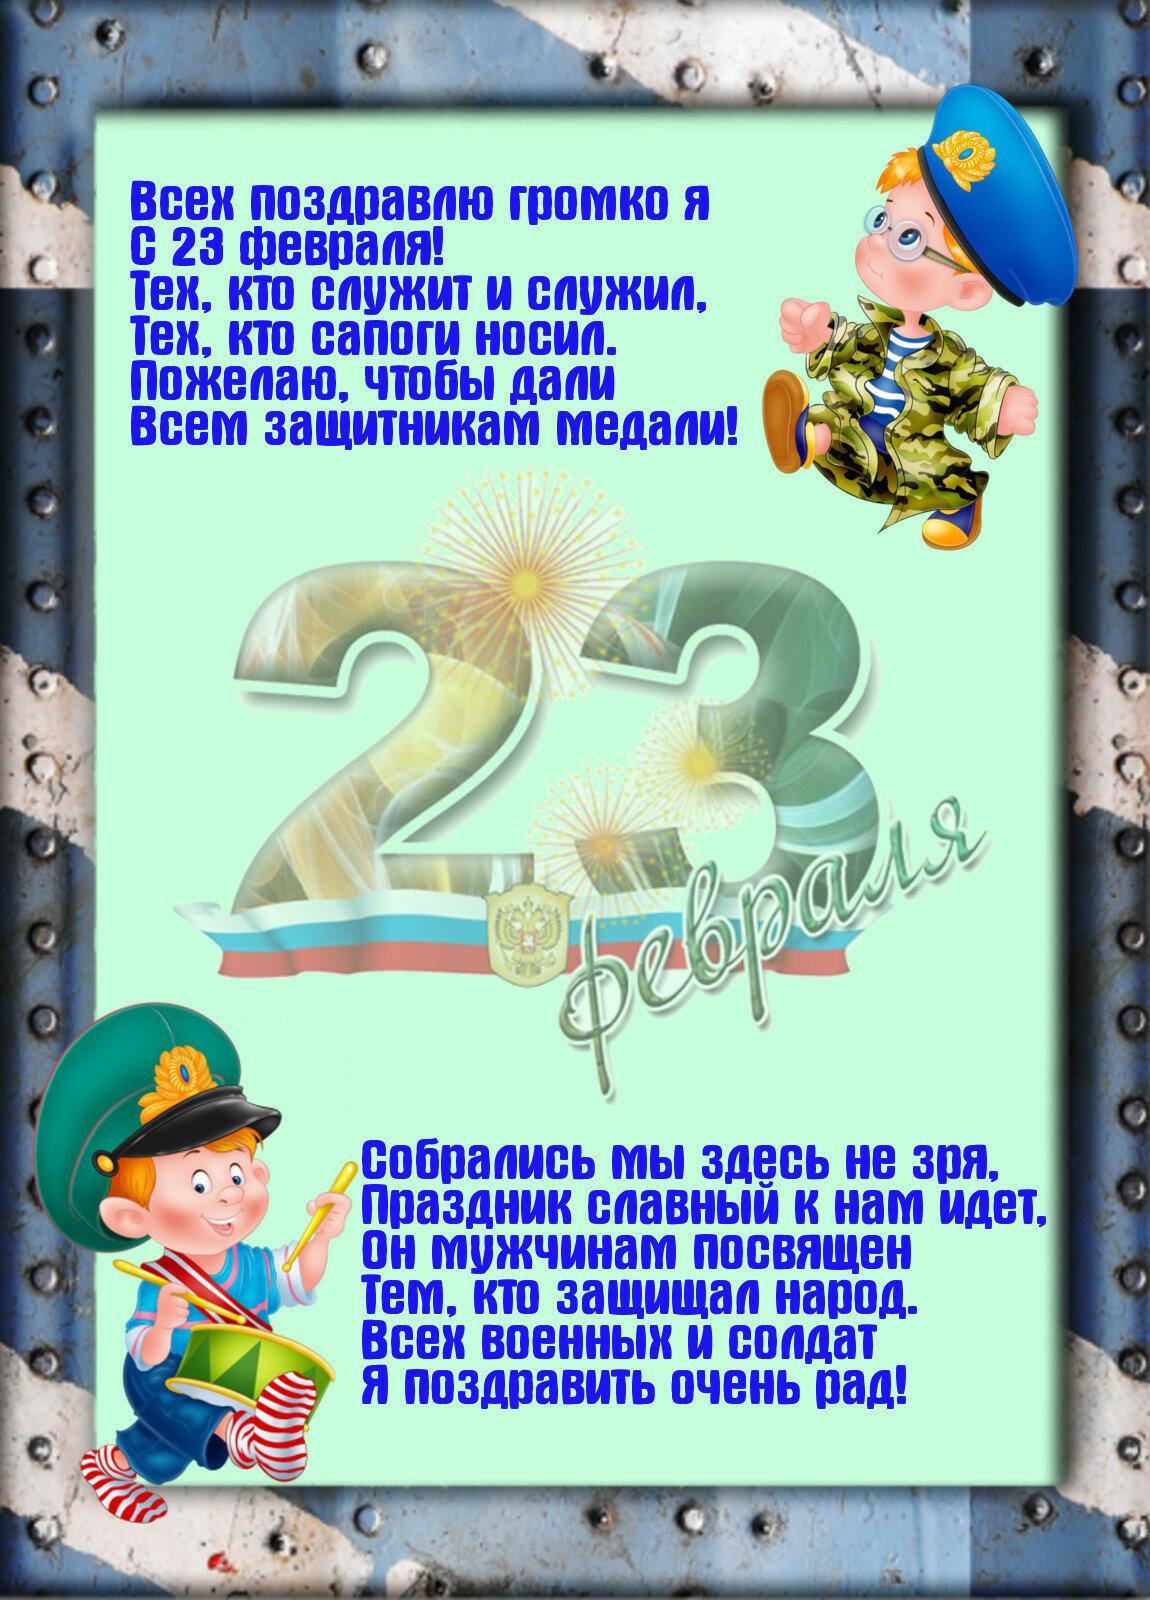 тусовке поздравление с 23 февралем дед большее